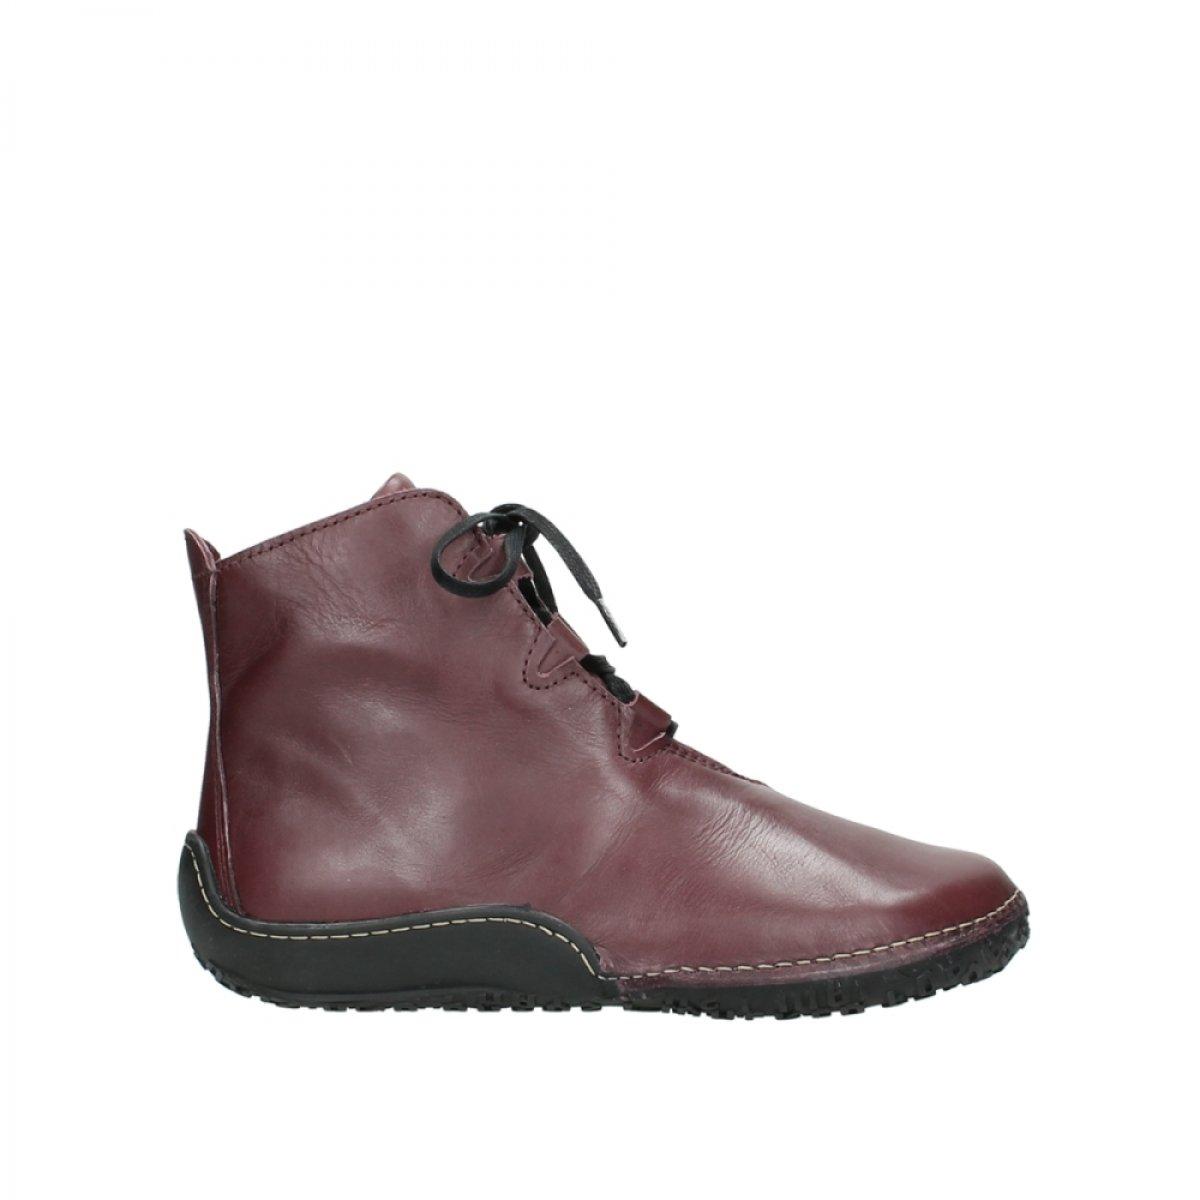 Wolky Confort Chaussures à lacets Confort à 06200 Rouleau Corde Rouleau MOC 50600 Purple Oiled Leather 58dc487 - jessicalock.space